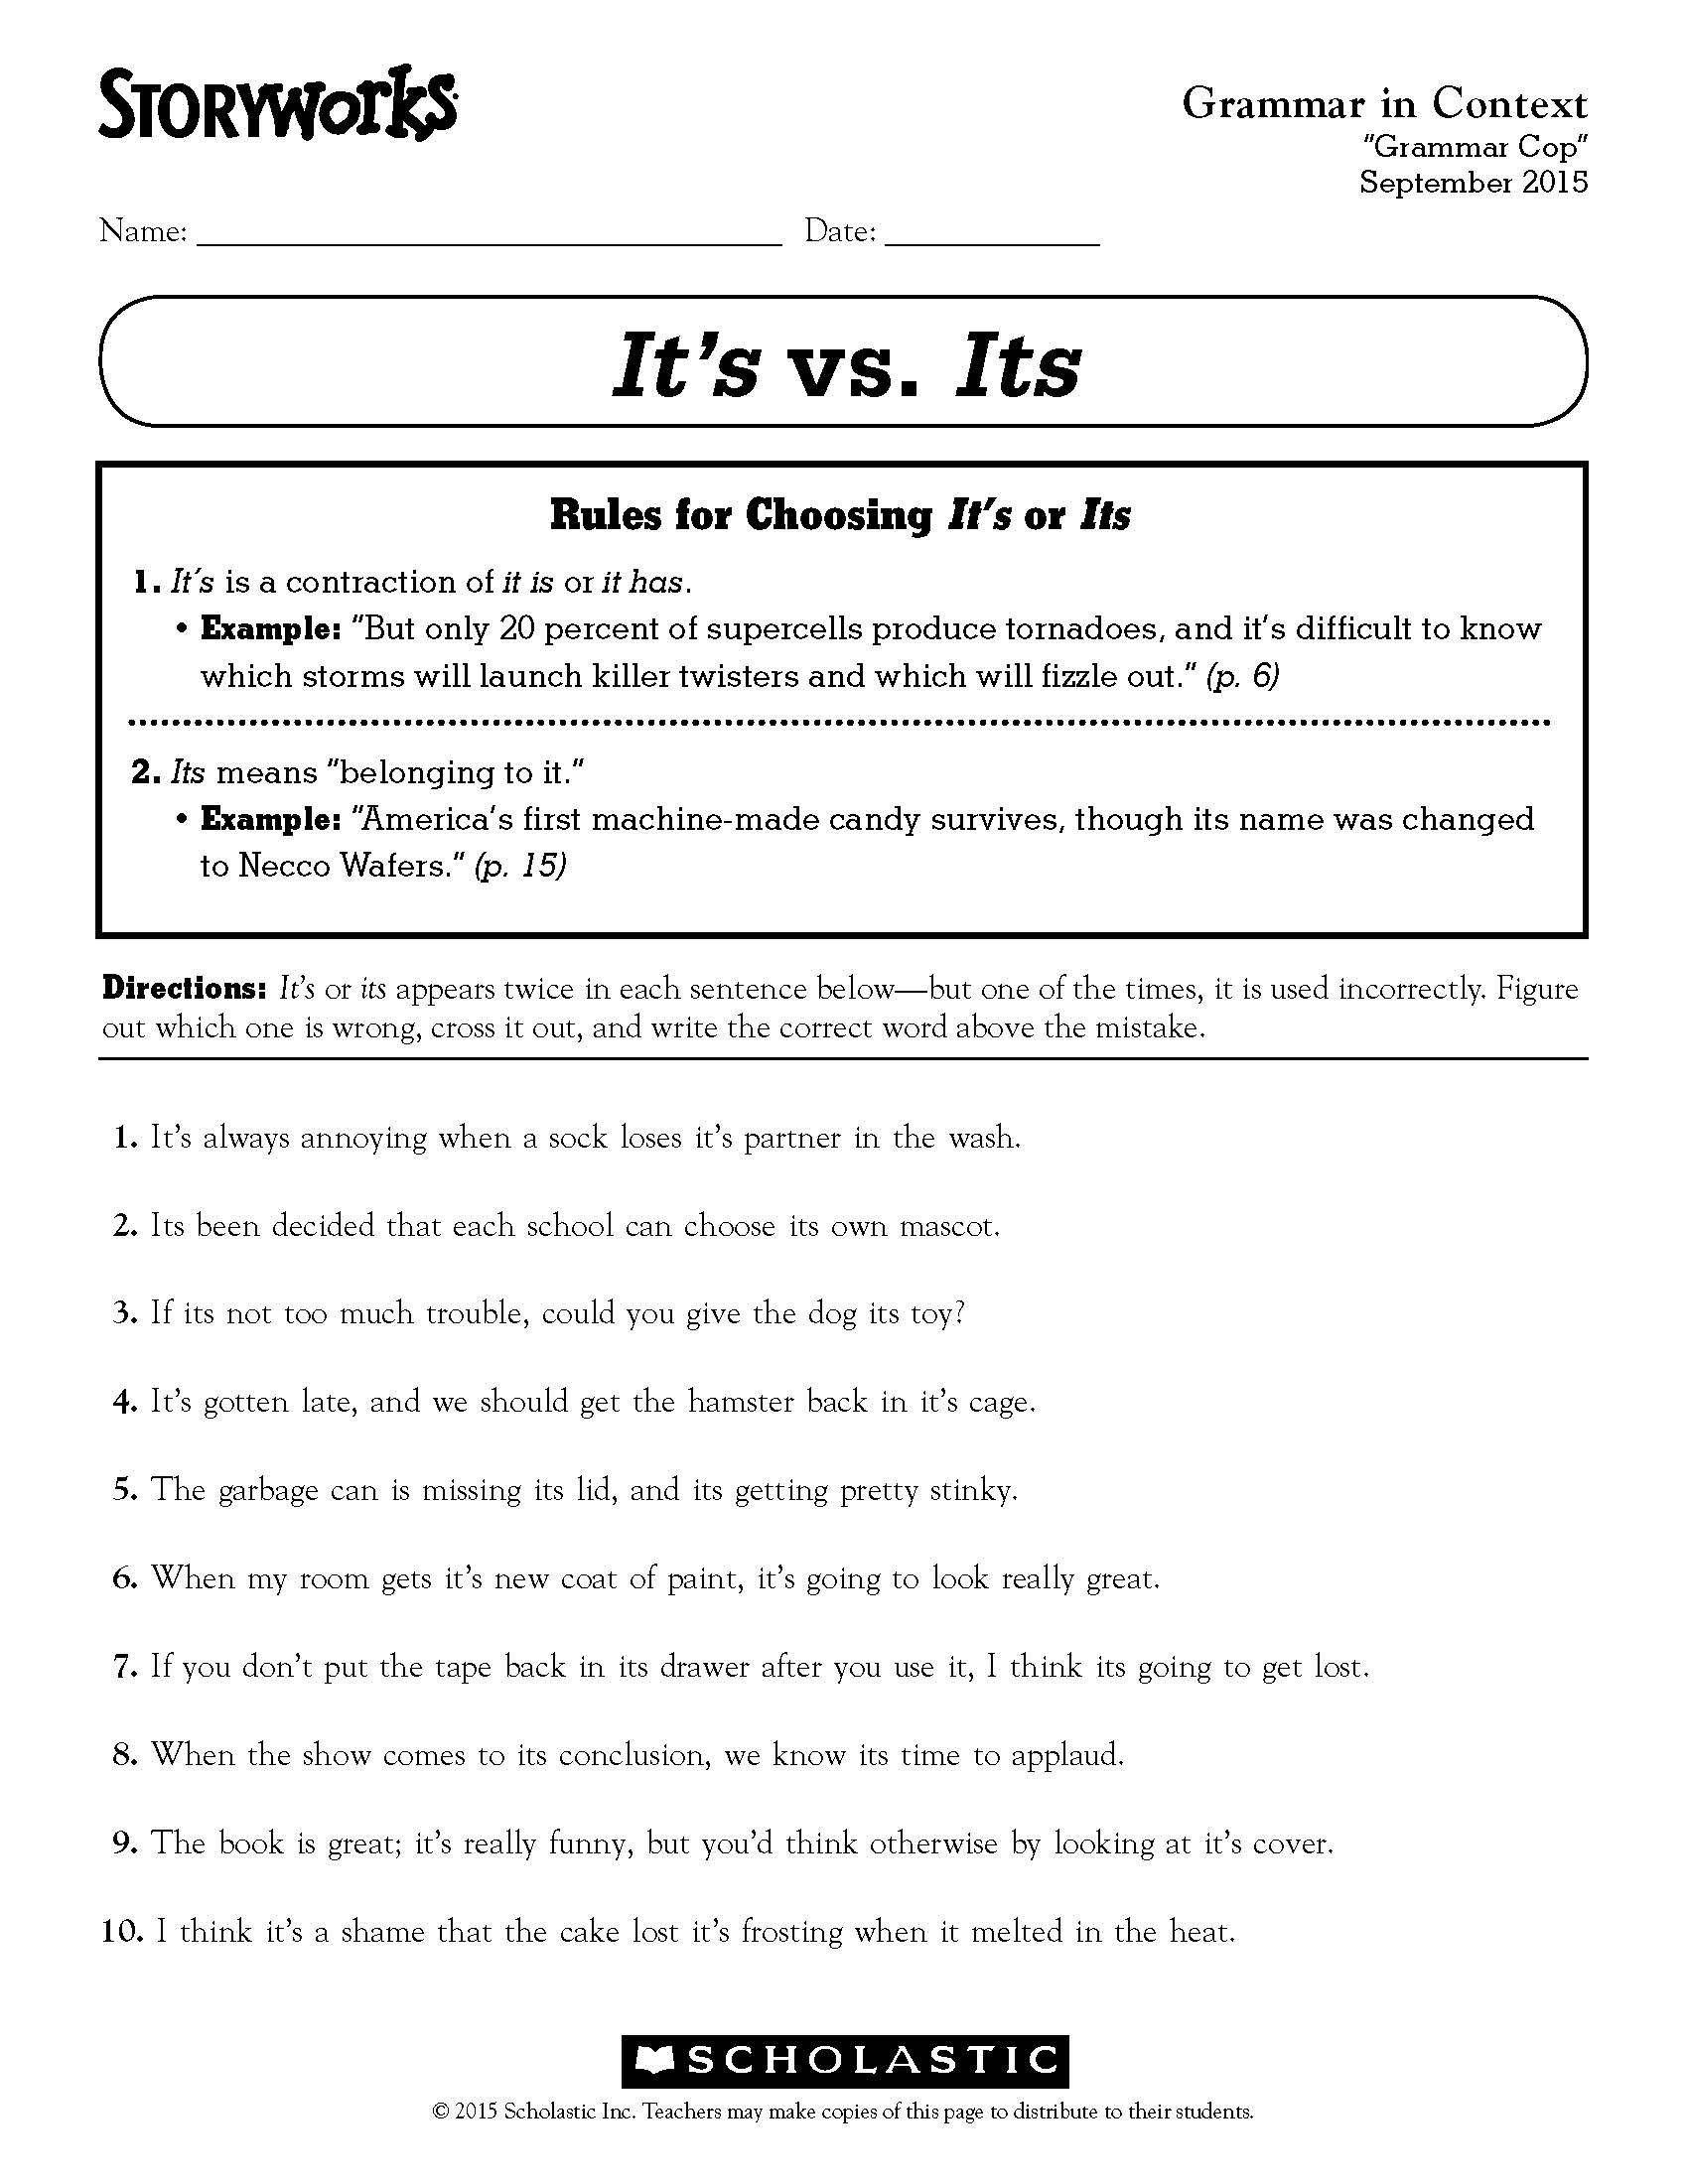 Relative Pronouns Worksheets 4th Grade Grammar   Grammar worksheets [ 2200 x 1700 Pixel ]